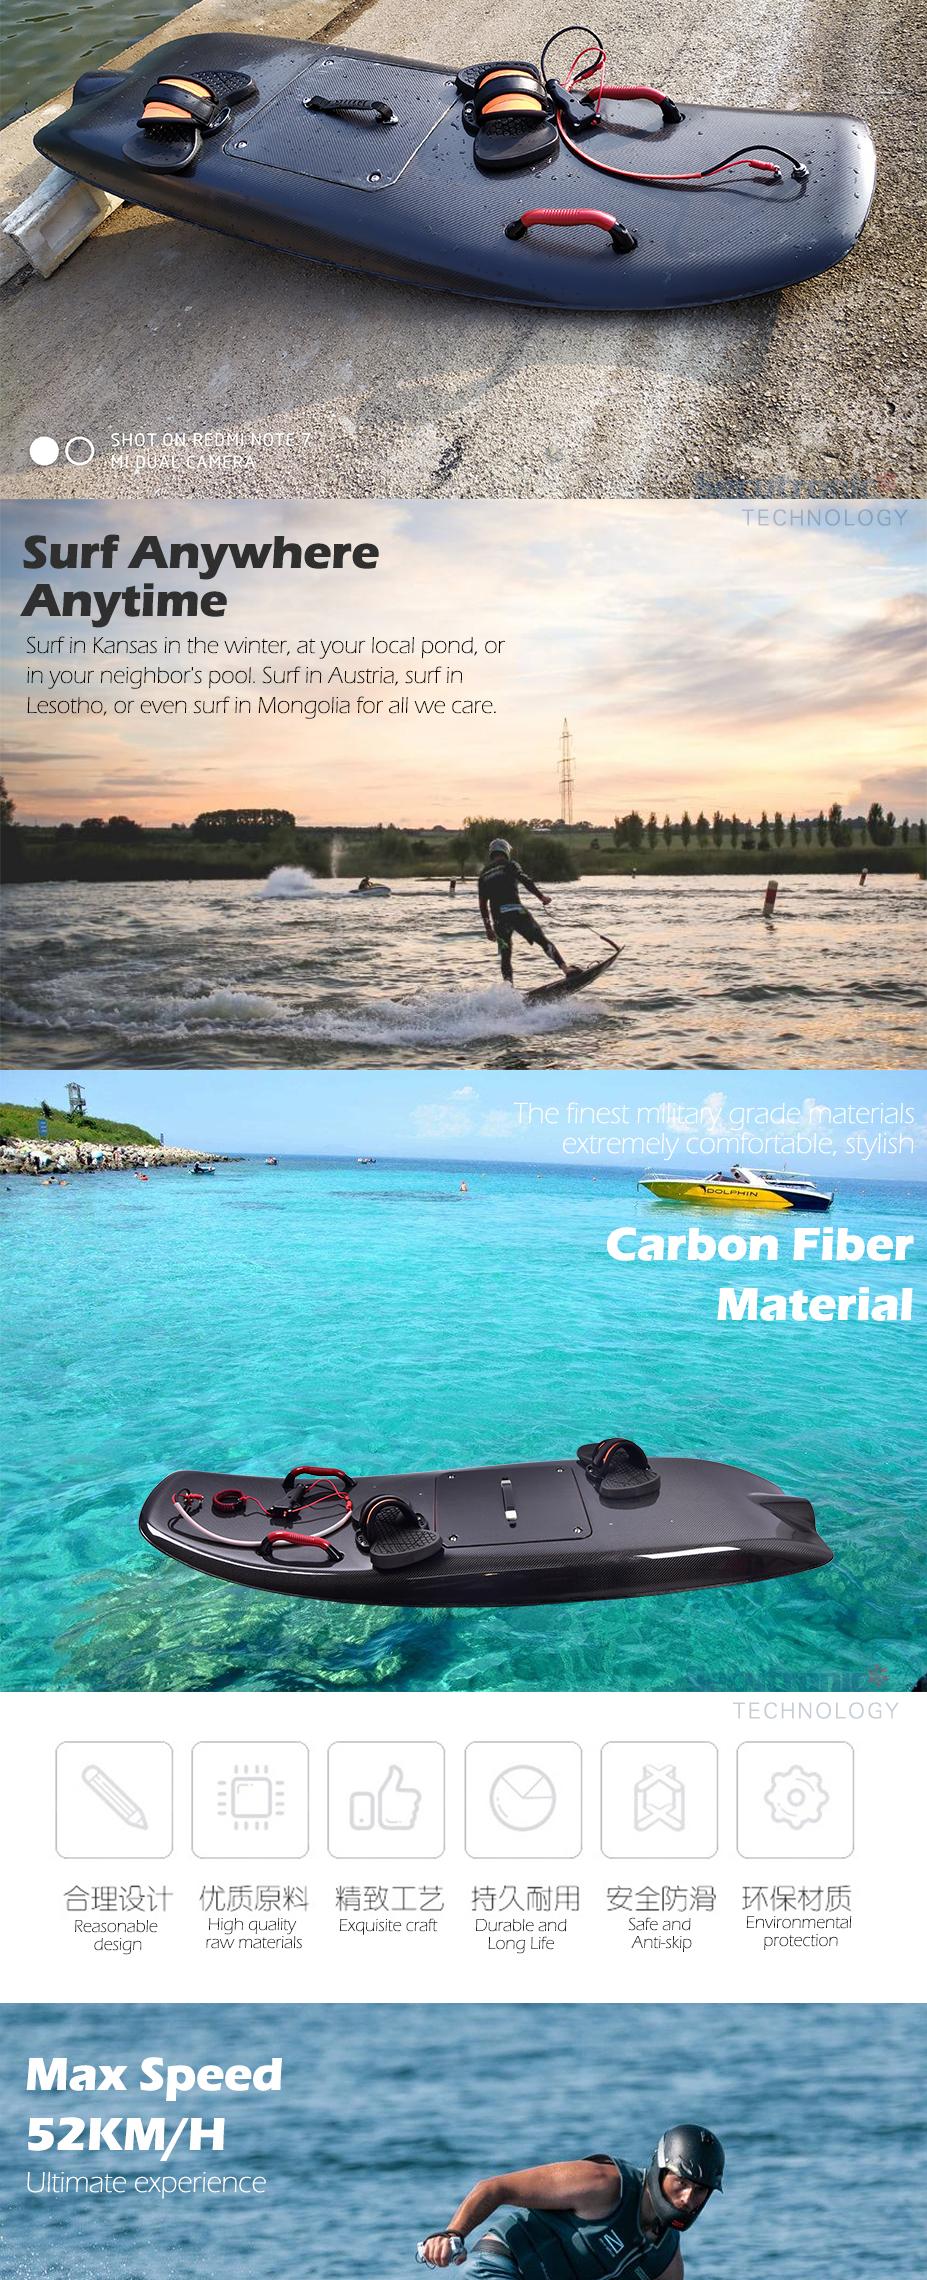 ใหม่คาร์บอนไฟเบอร์ 10KW 52KM / H มหาสมุทรน้ำมอเตอร์ไฟฟ้าเจ็ทกระดานโต้คลื่นขับเคลื่อนเพื่อขาย